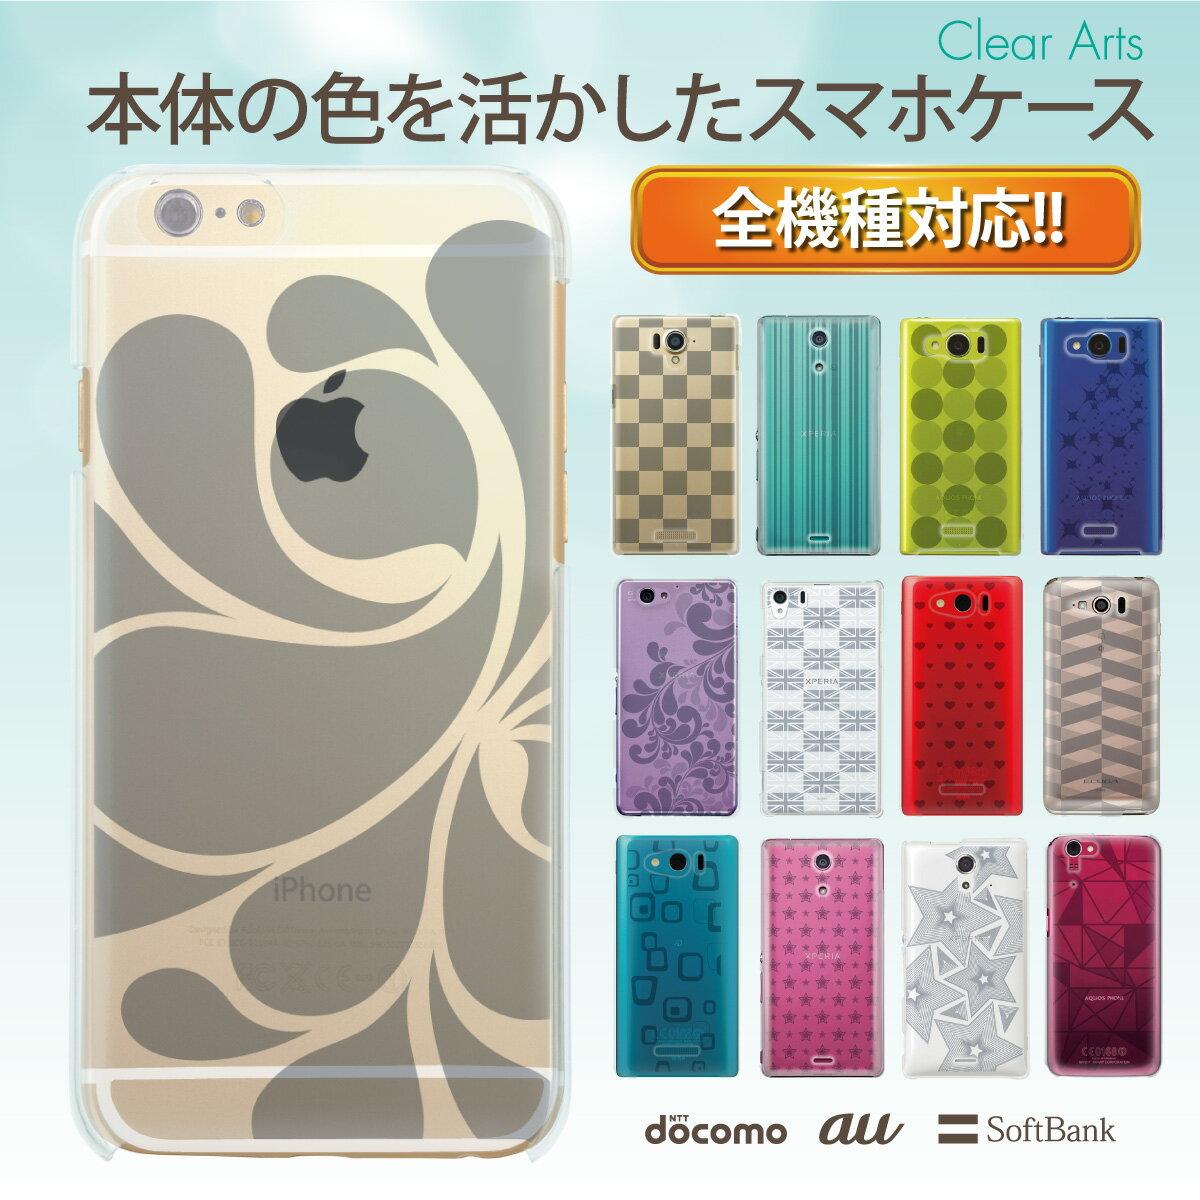 スマホケース 全機種対応 ケース カバー ハードケース クリアケース iPhoneXS Max iPhoneXR iPhoneX iPhone8 Plus iPhone7 iPhone6s iPhone6 Plus iPhone SE 5s Xperia XZ2 XZ1 XZ XZs SO-05K SO-03K aquos R2 R SH-03K galaxy S9 S8 99-zen-037